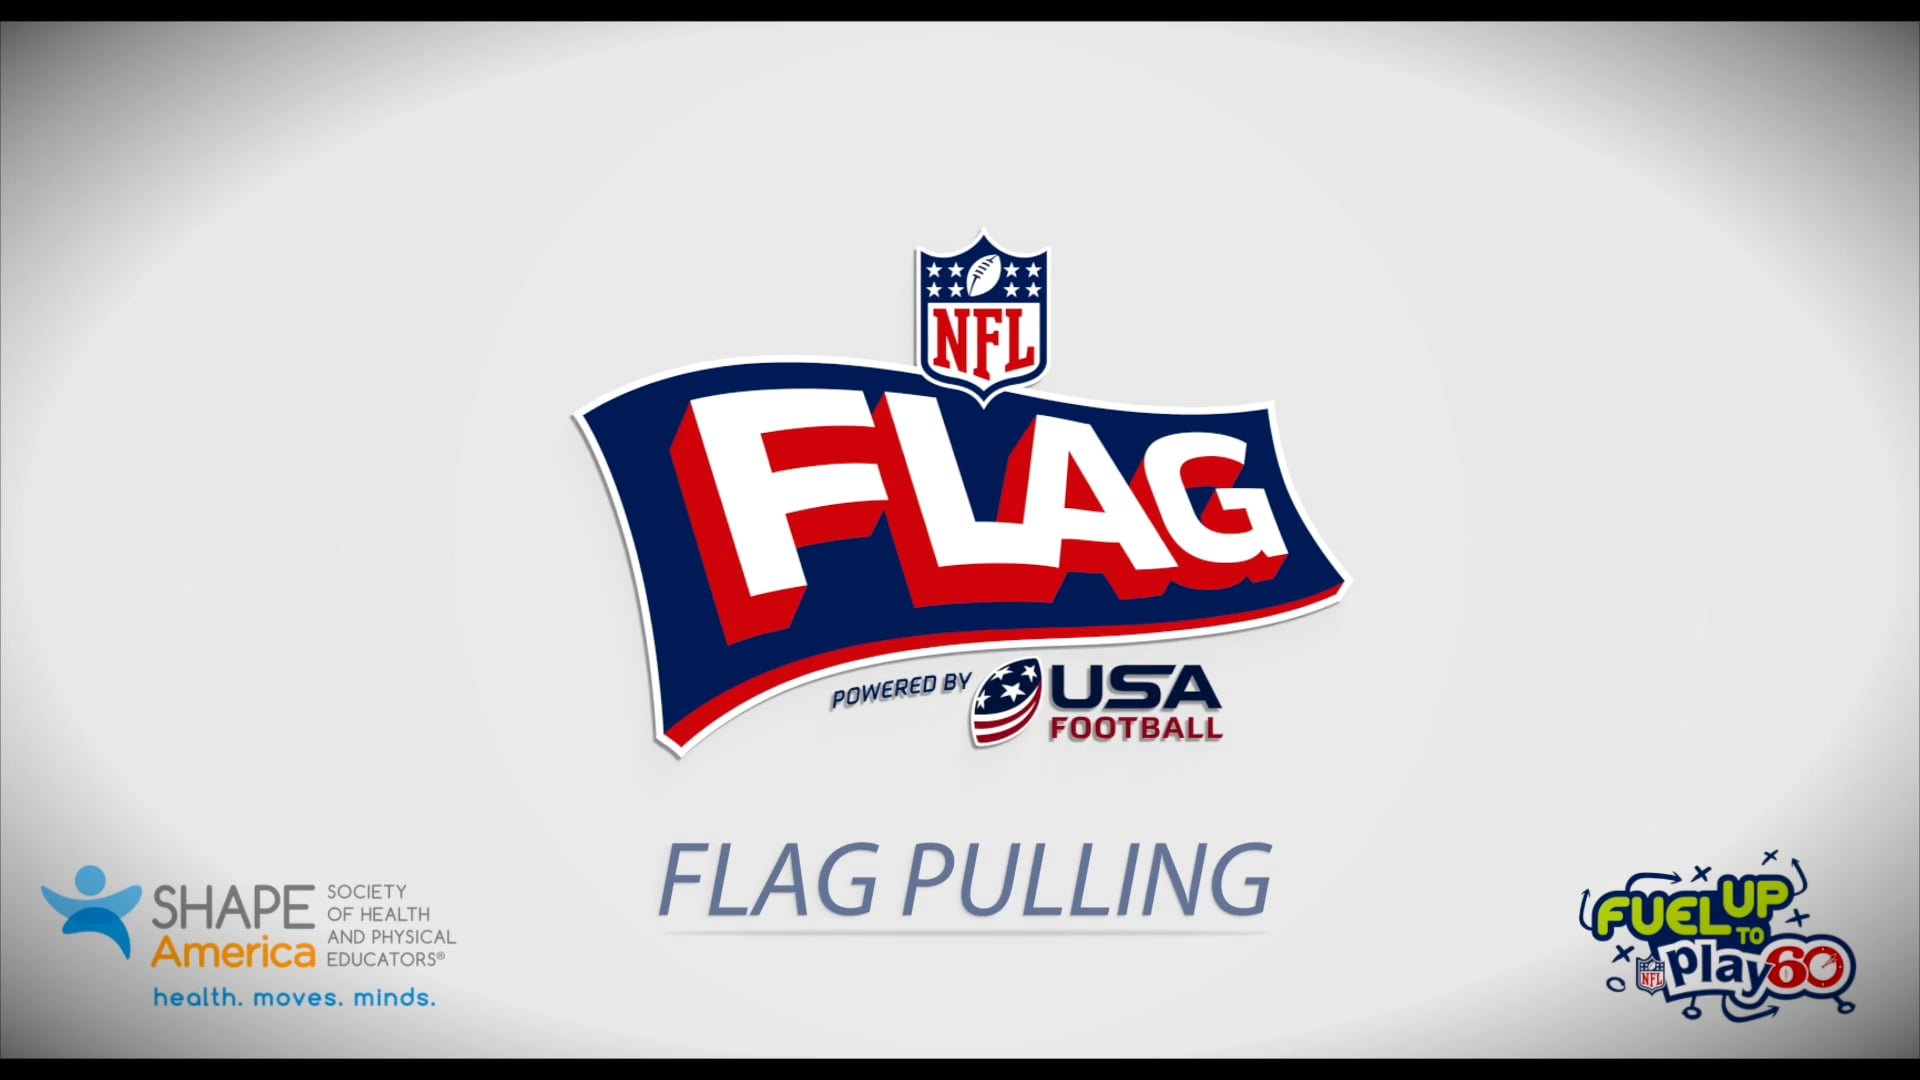 NFL PLAY60 FLAG FOOTBALL: FLAG PULLING